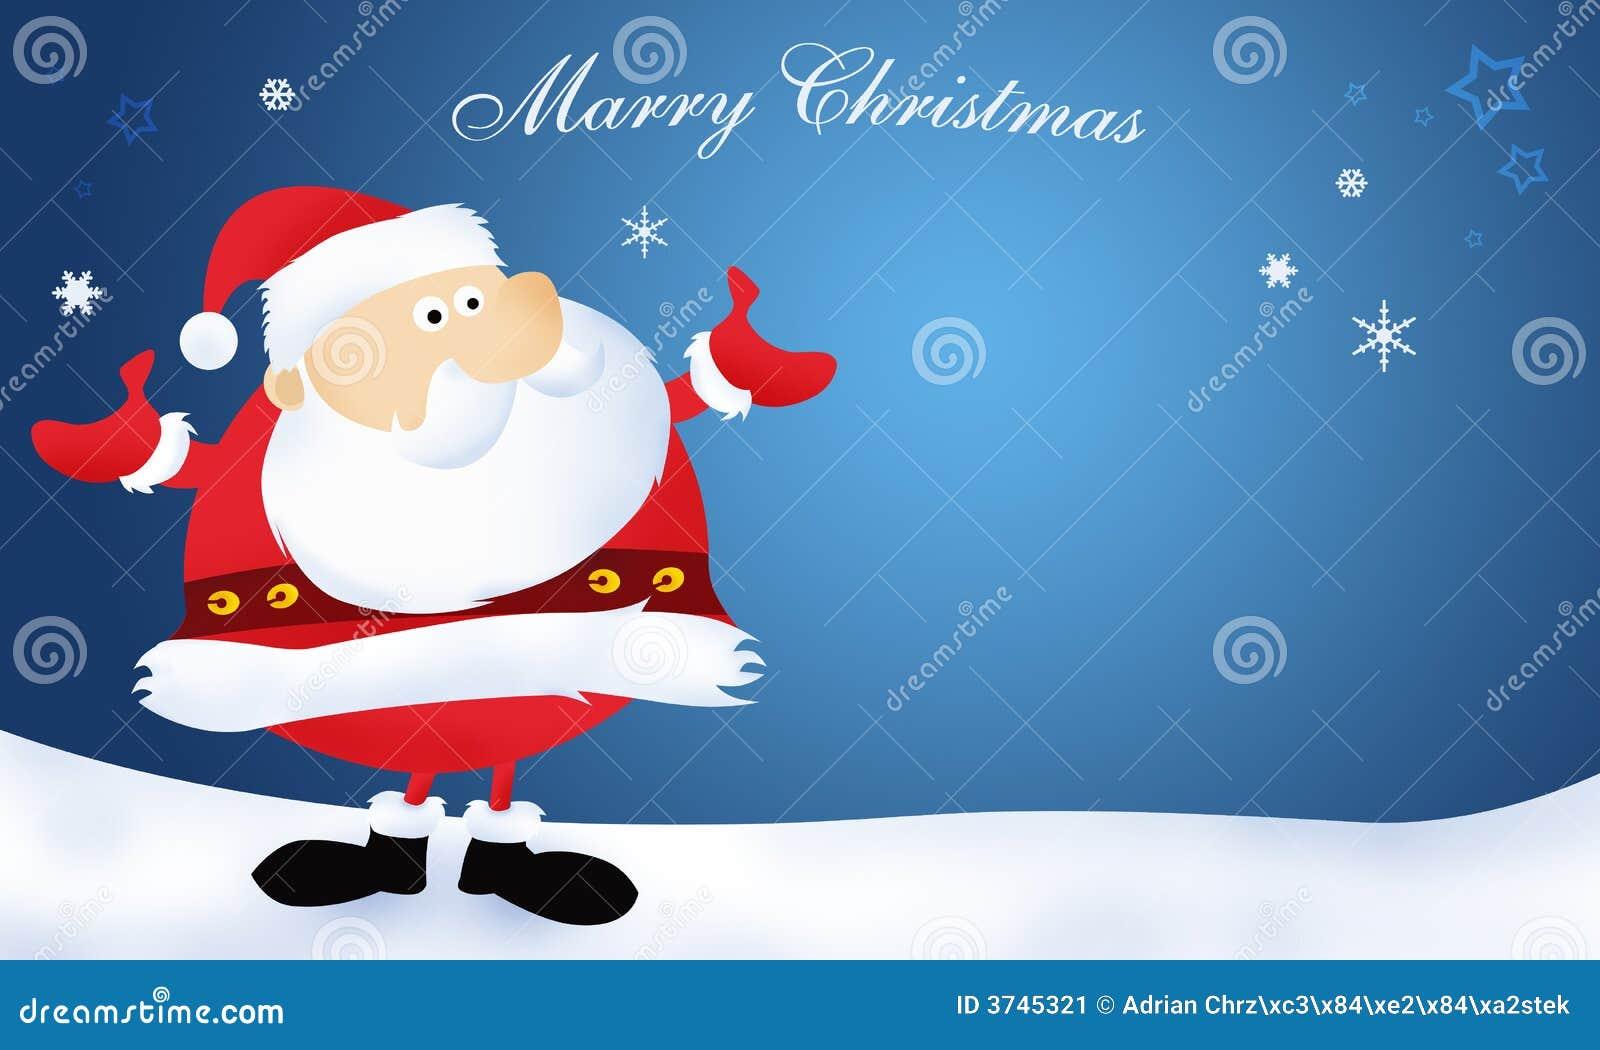 Weihnachtsmann Heiraten Weihnachten Stock Abbildung - Illustration ...